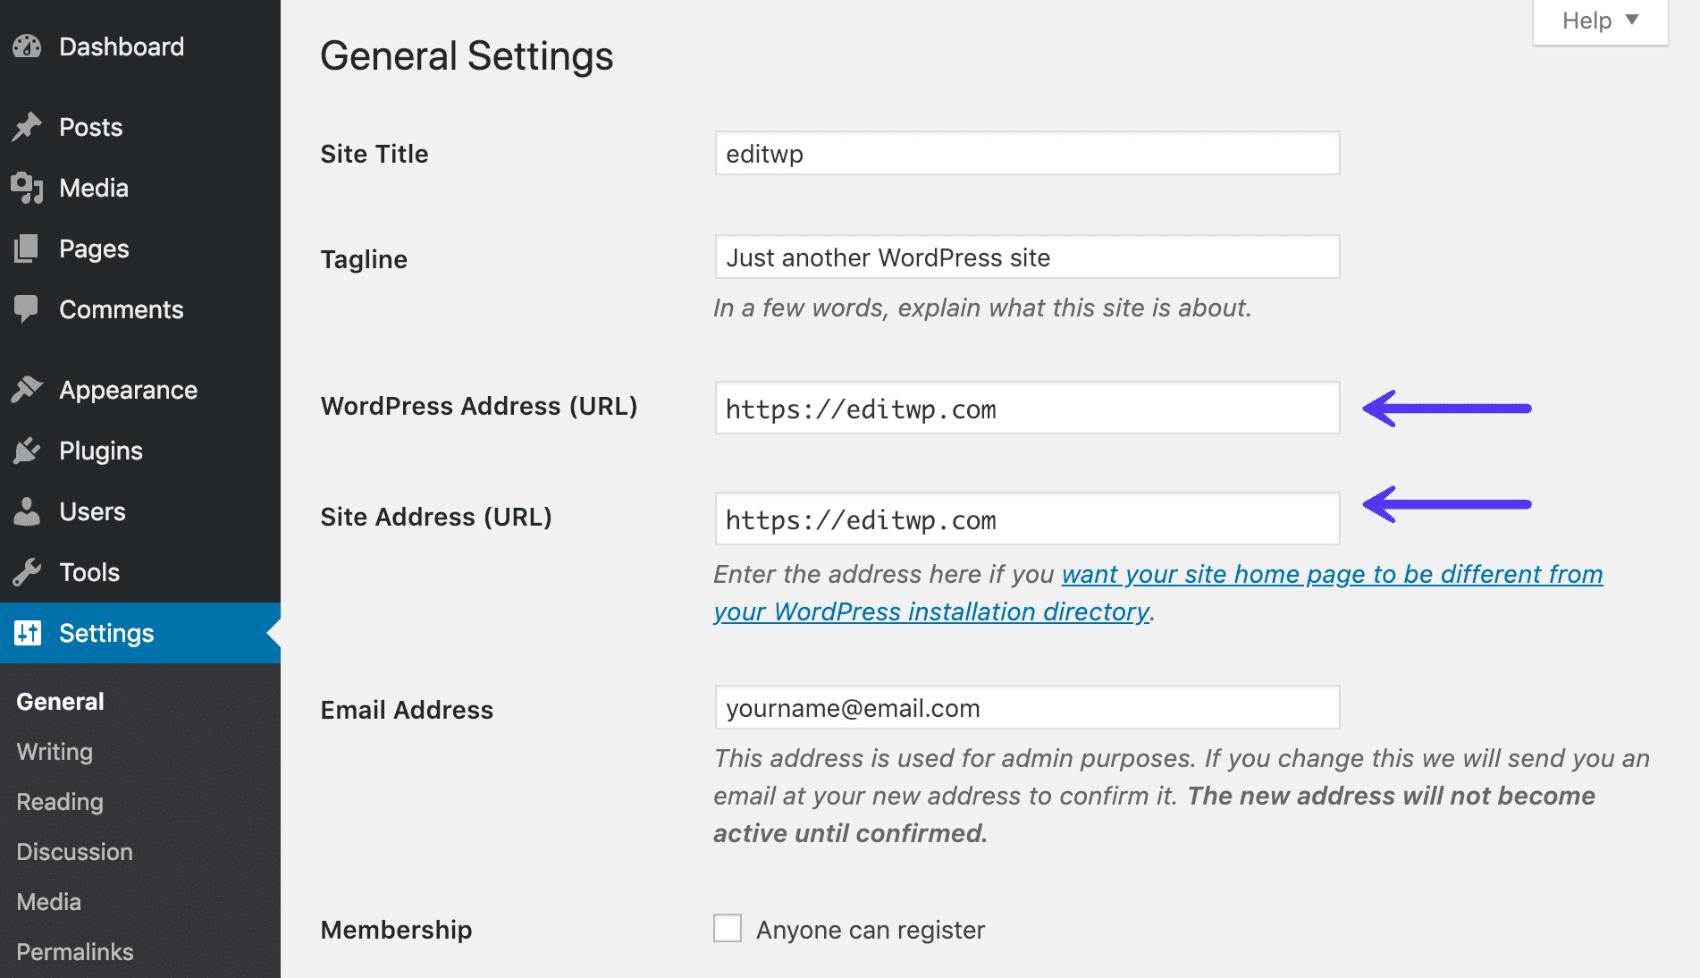 Dirección de WordPress y dirección del sitio